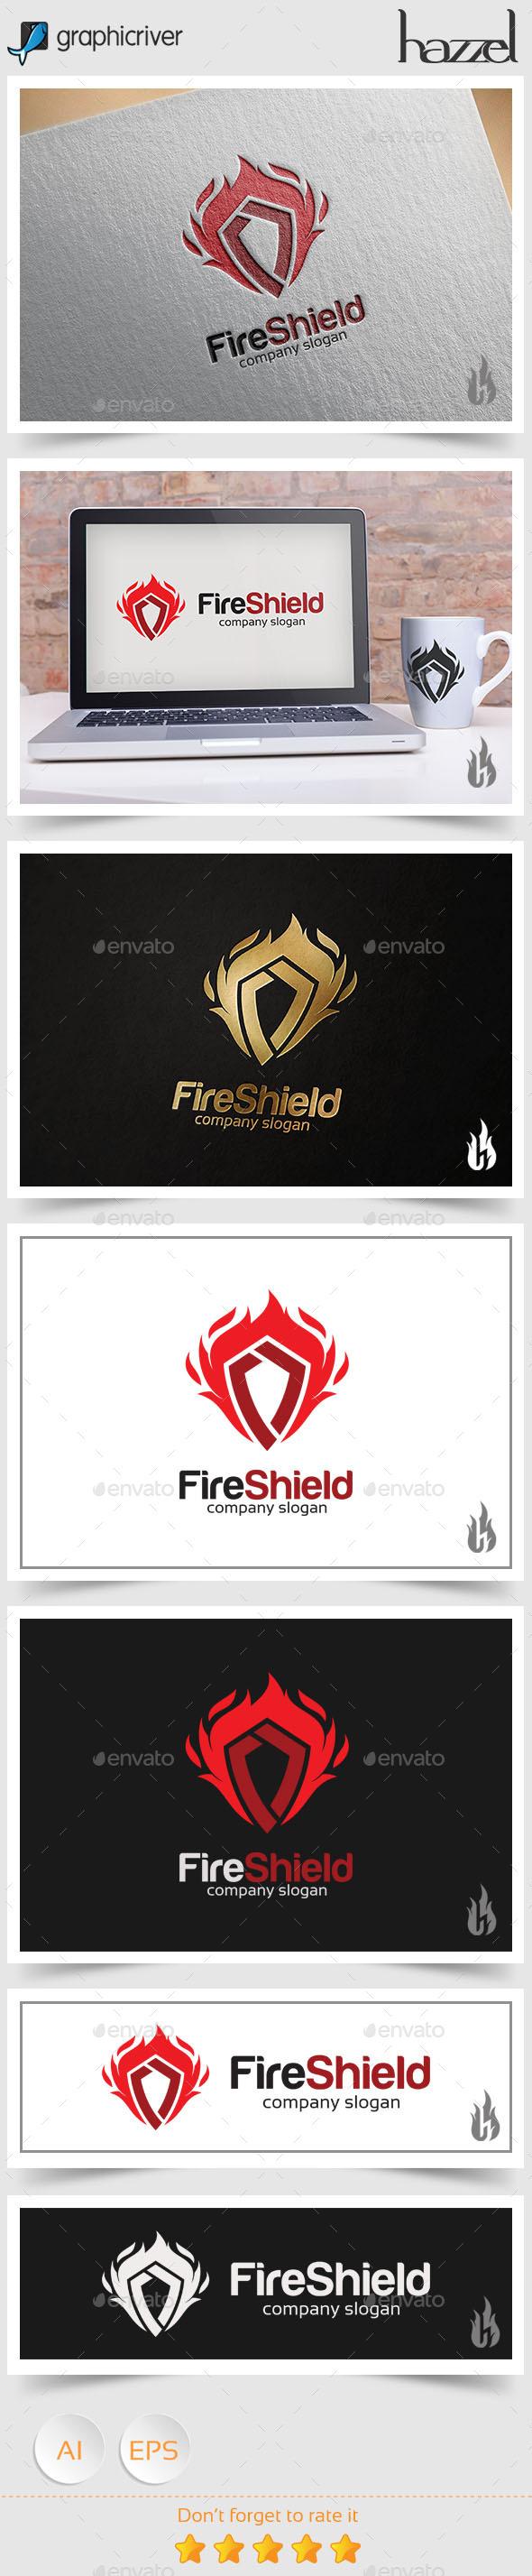 GraphicRiver Fire Shield Logo 8853673